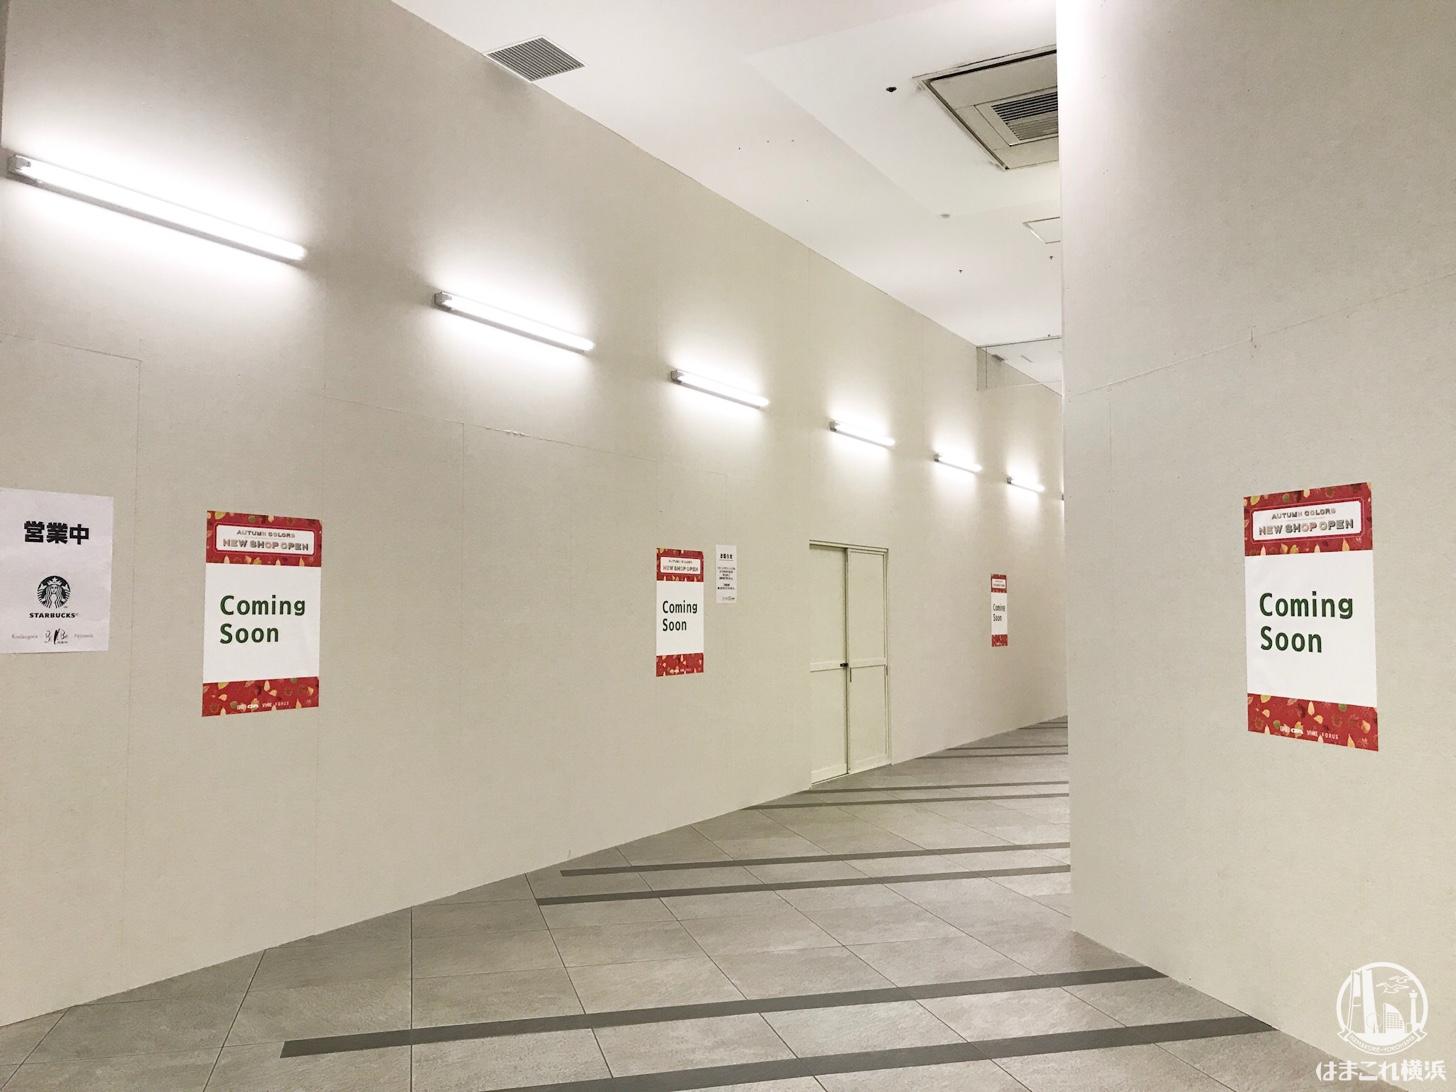 瓦カフェ 横浜ワールドポーターズが閉店!隣接店舗に続く閉店